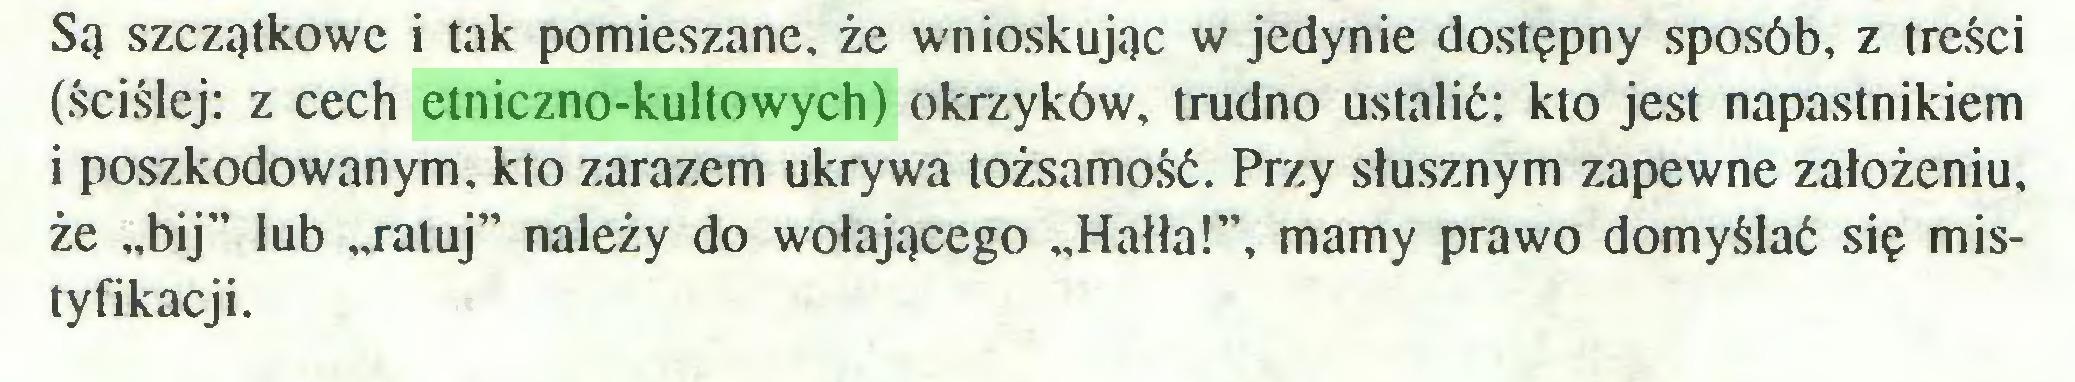 """(...) Są szczątkowe i tak pomieszane, że wnioskując w jedynie dostępny sposób, z treści (ściślej: z cech etniczno-kultowych) okrzyków, trudno ustalić: kto jest napastnikiem i poszkodowanym, kto zarazem ukrywa tożsamość. Przy słusznym zapewne założeniu, że """"bij"""" lub """"ratuj"""" należy do wołającego """"Hałła!"""", mamy prawo domyślać się mistyfikacji..."""